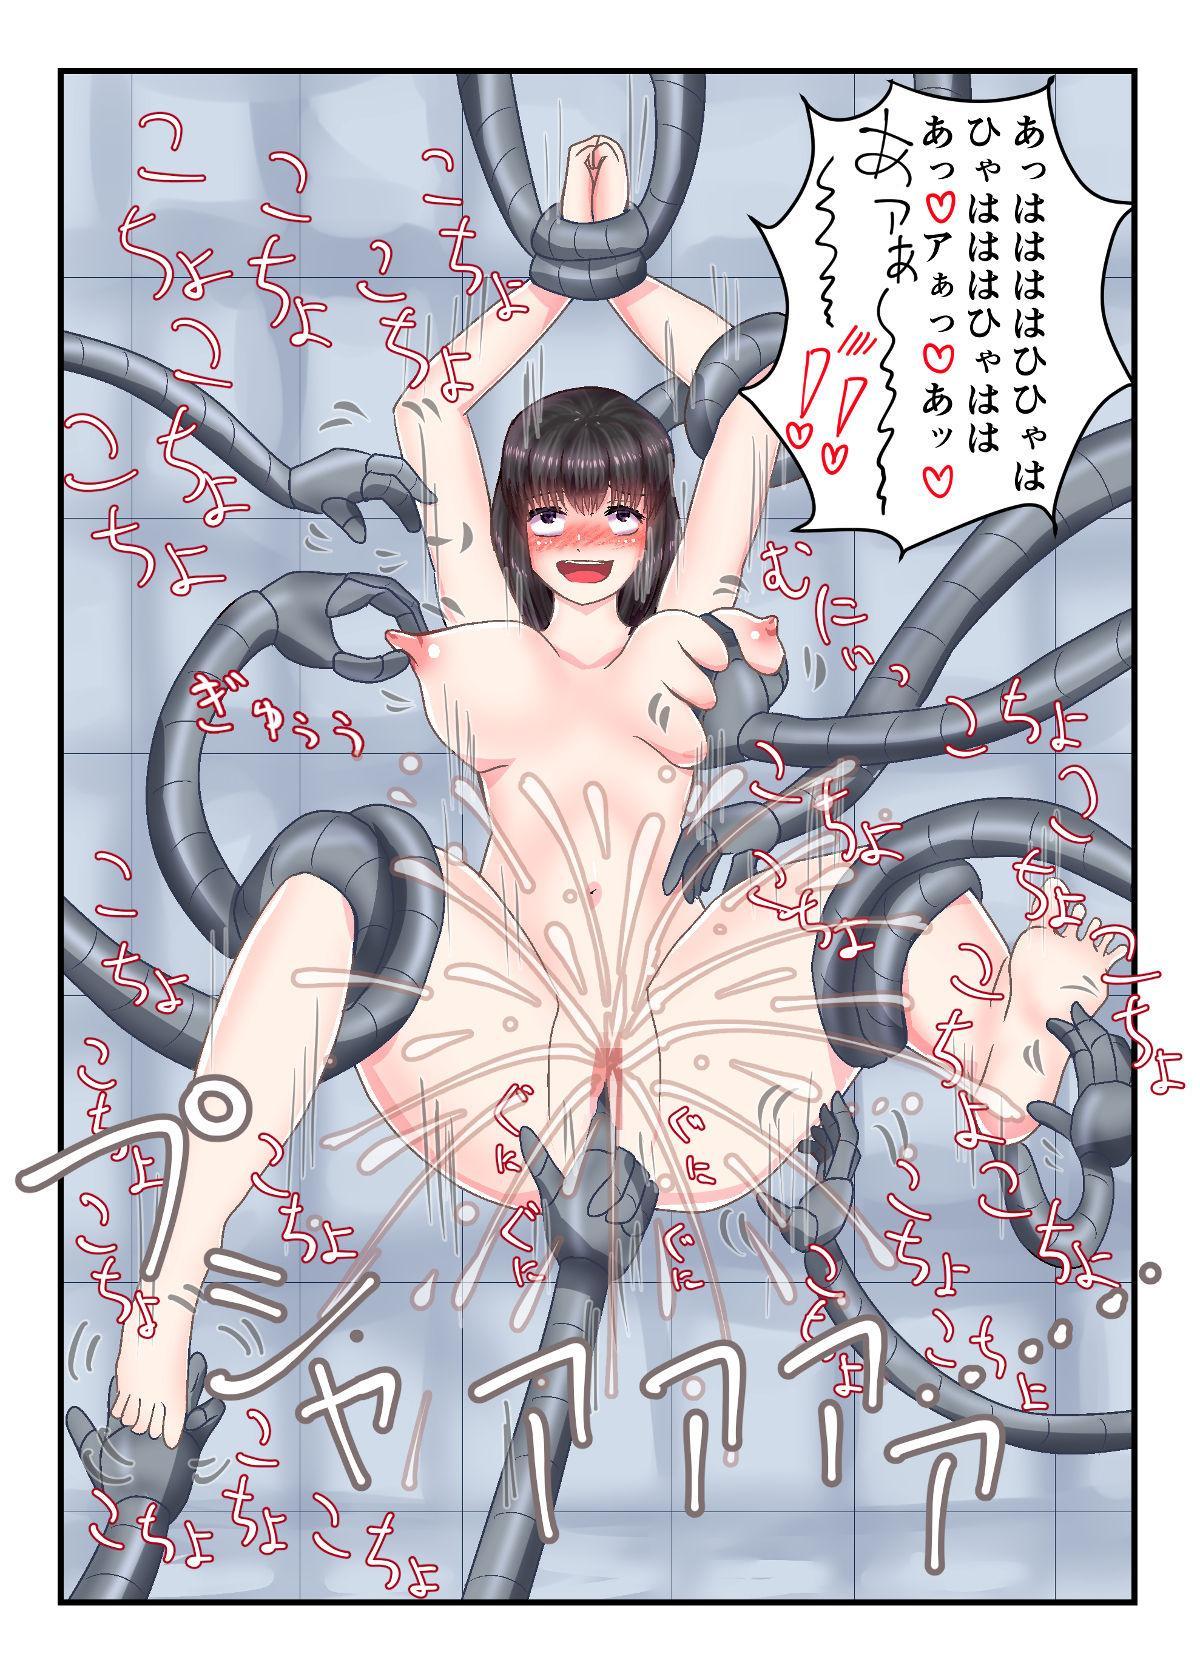 Kurokami Joshi o Kusuguru dake no All Color Eromanga 6